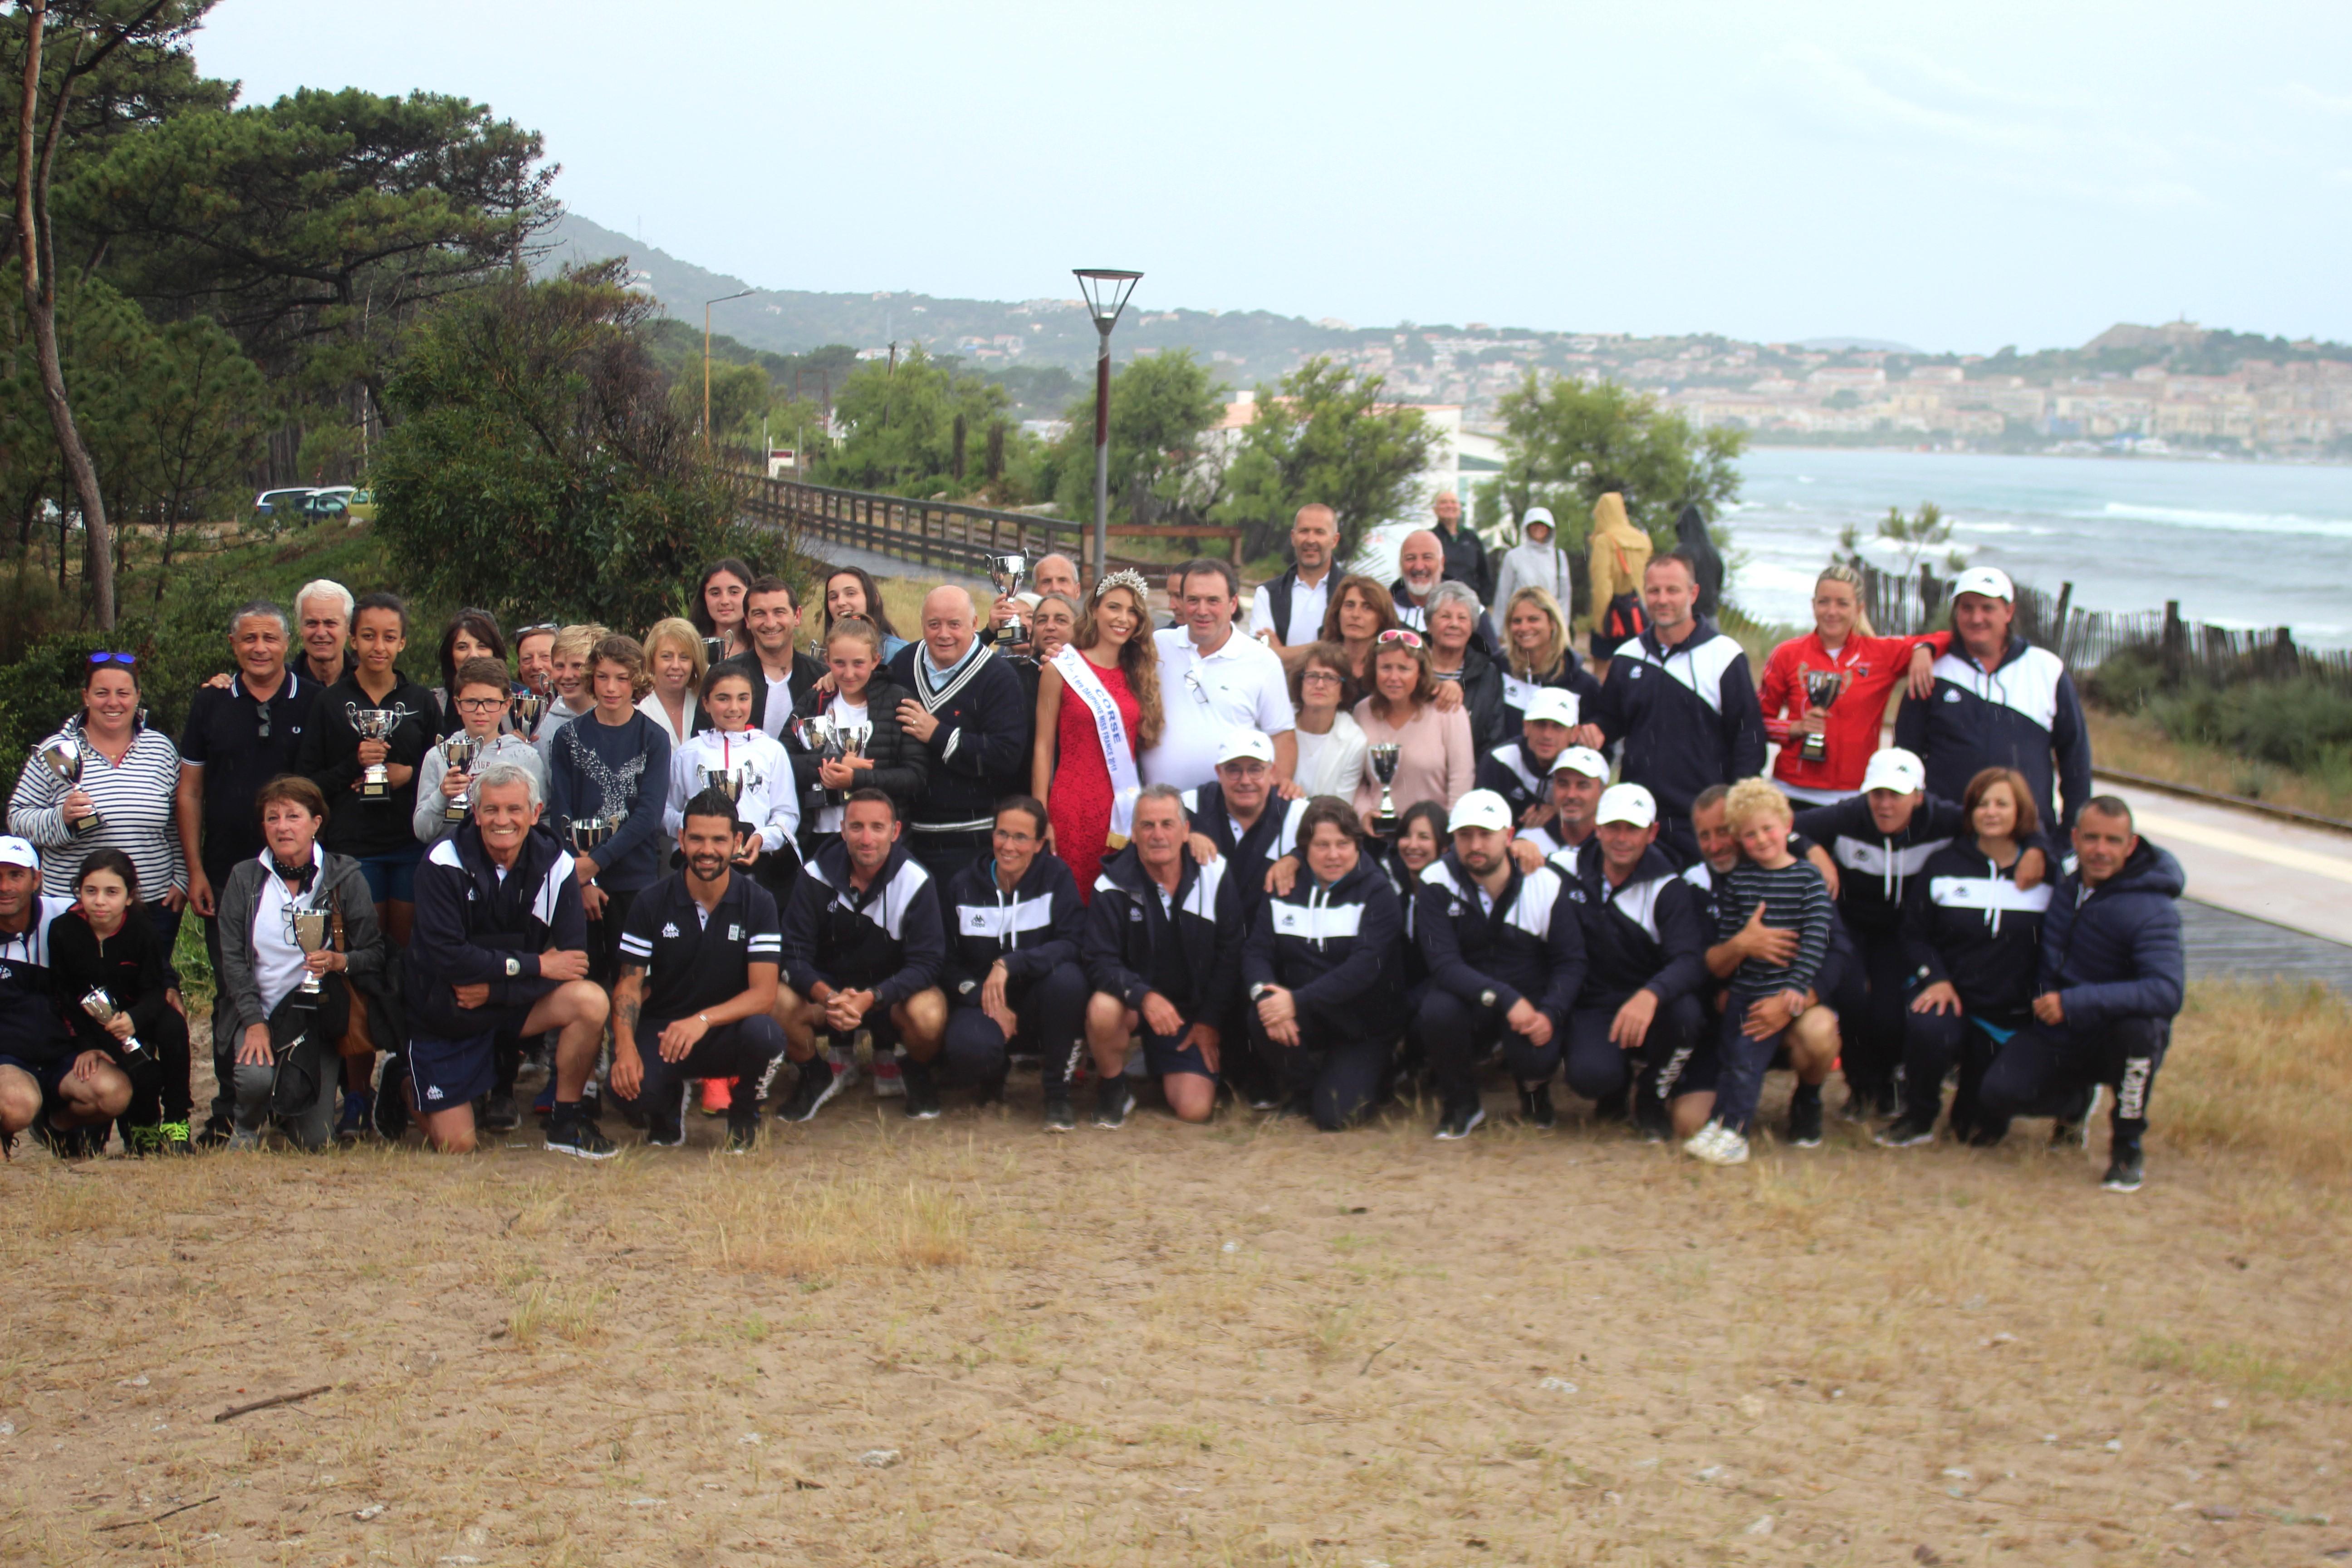 Remise des prix des championnats de Corse de tennis au club house du TC Calvi